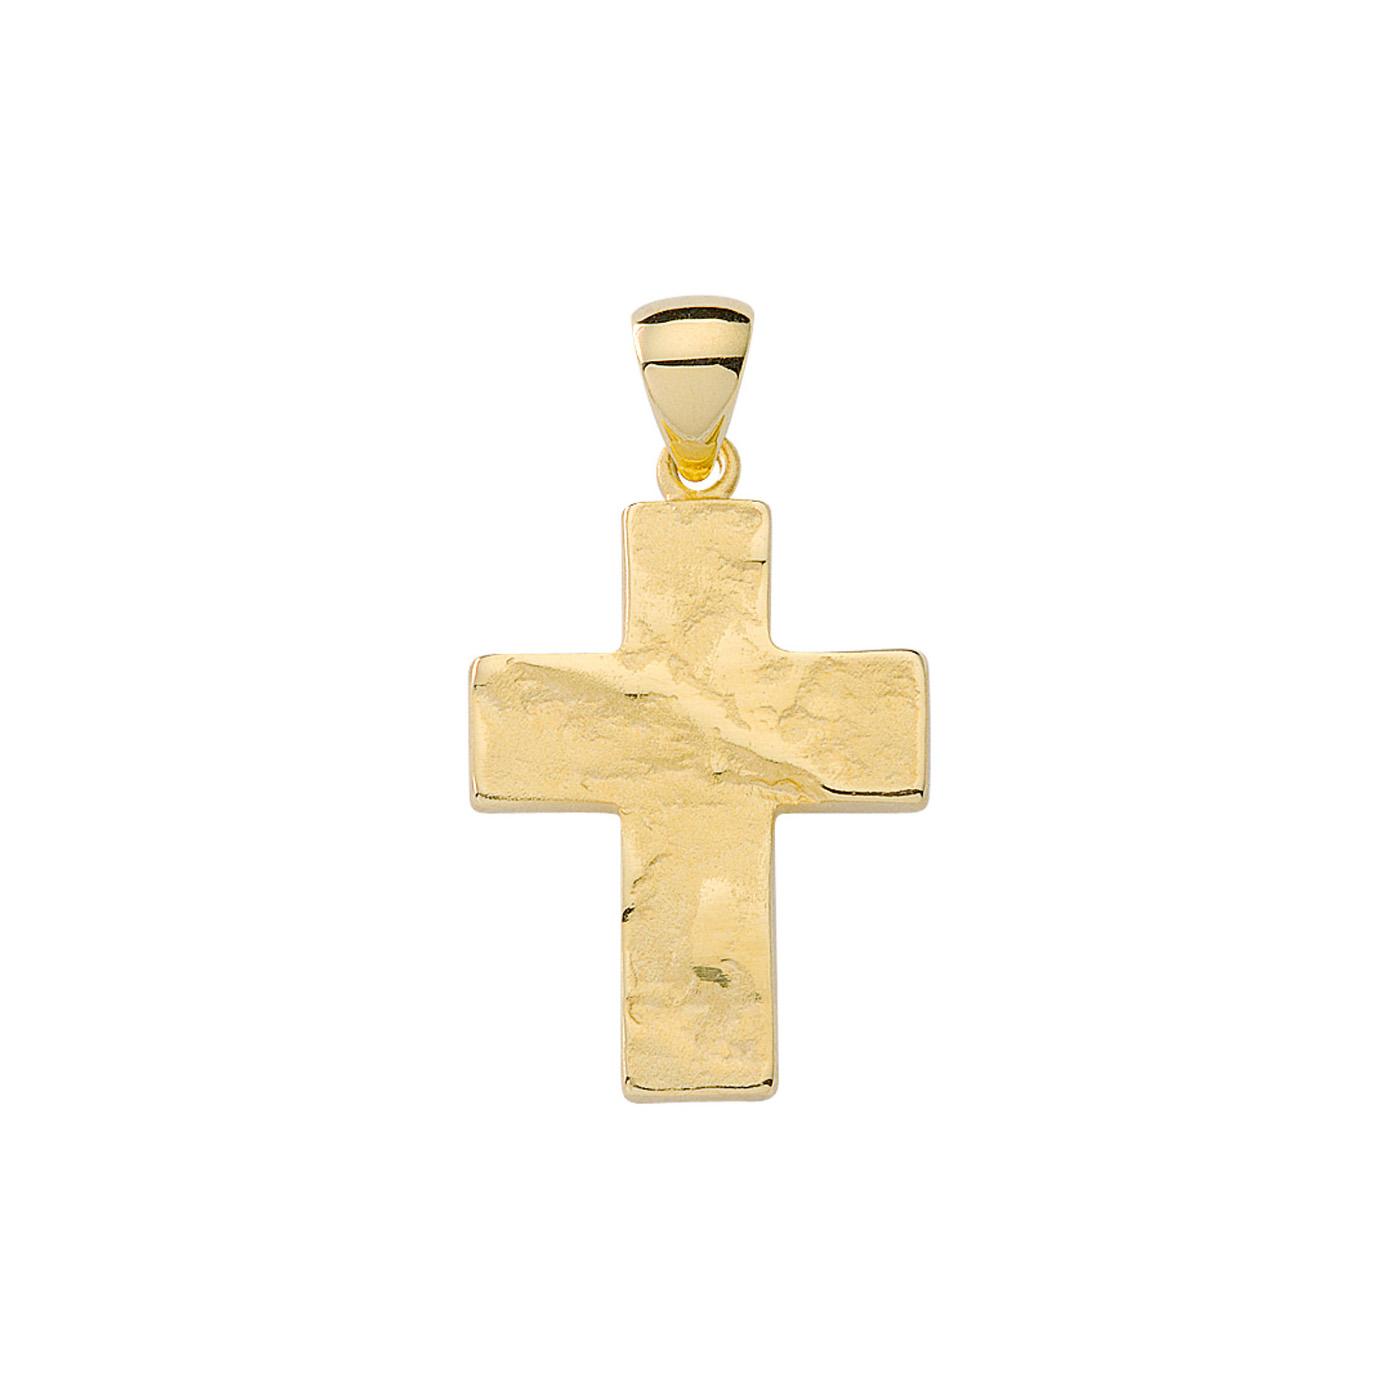 Rustikt kors vedhæng i 8 karat guld Kraftigt kors guld vedhæng 8 karat til mænd og kvinder. Herre guld smykker kors